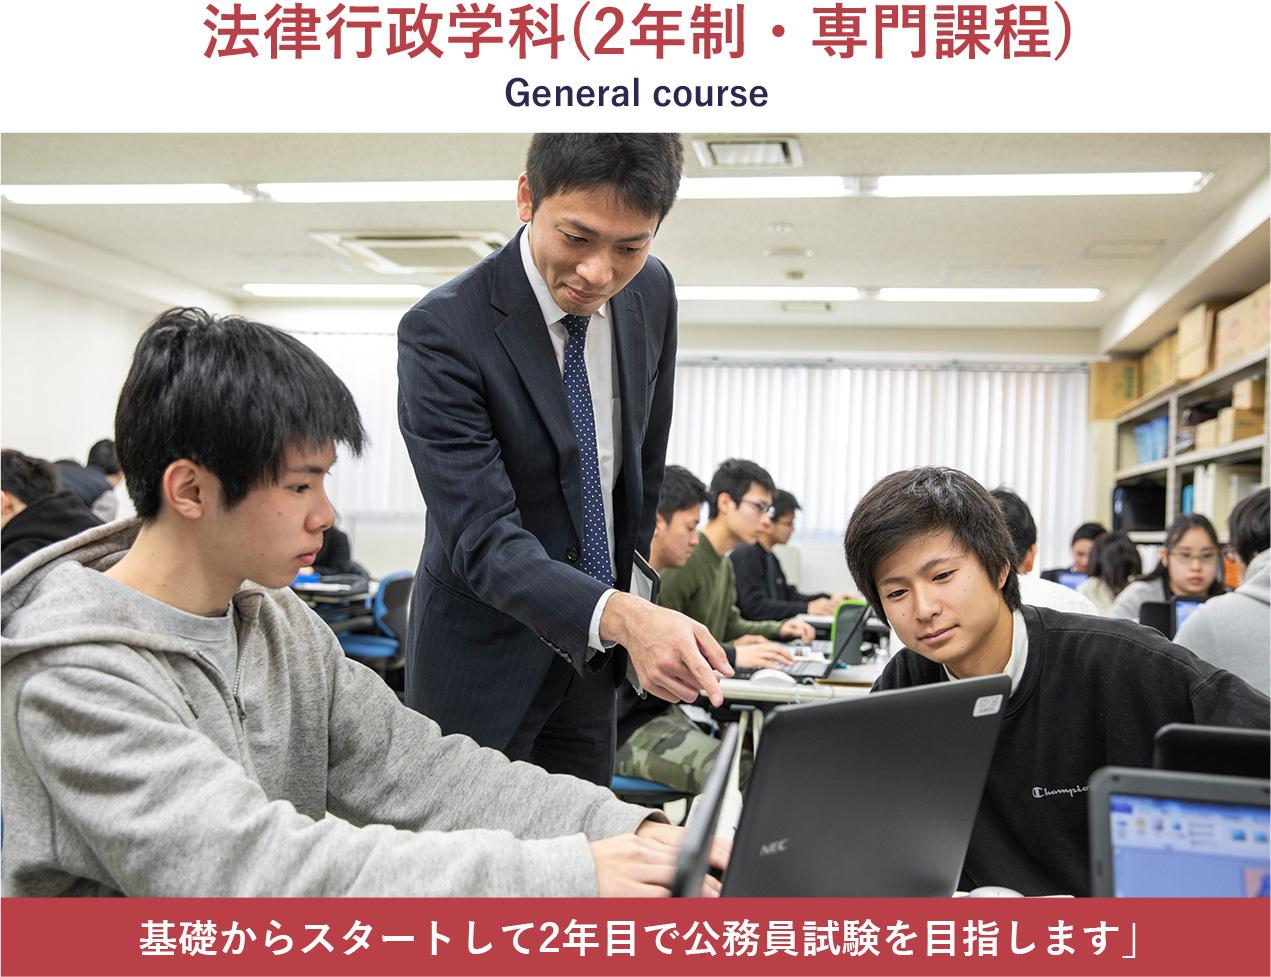 じっくり勉強して2年目で公務員試験合格を 法律行政学科(2年制・専門課程)